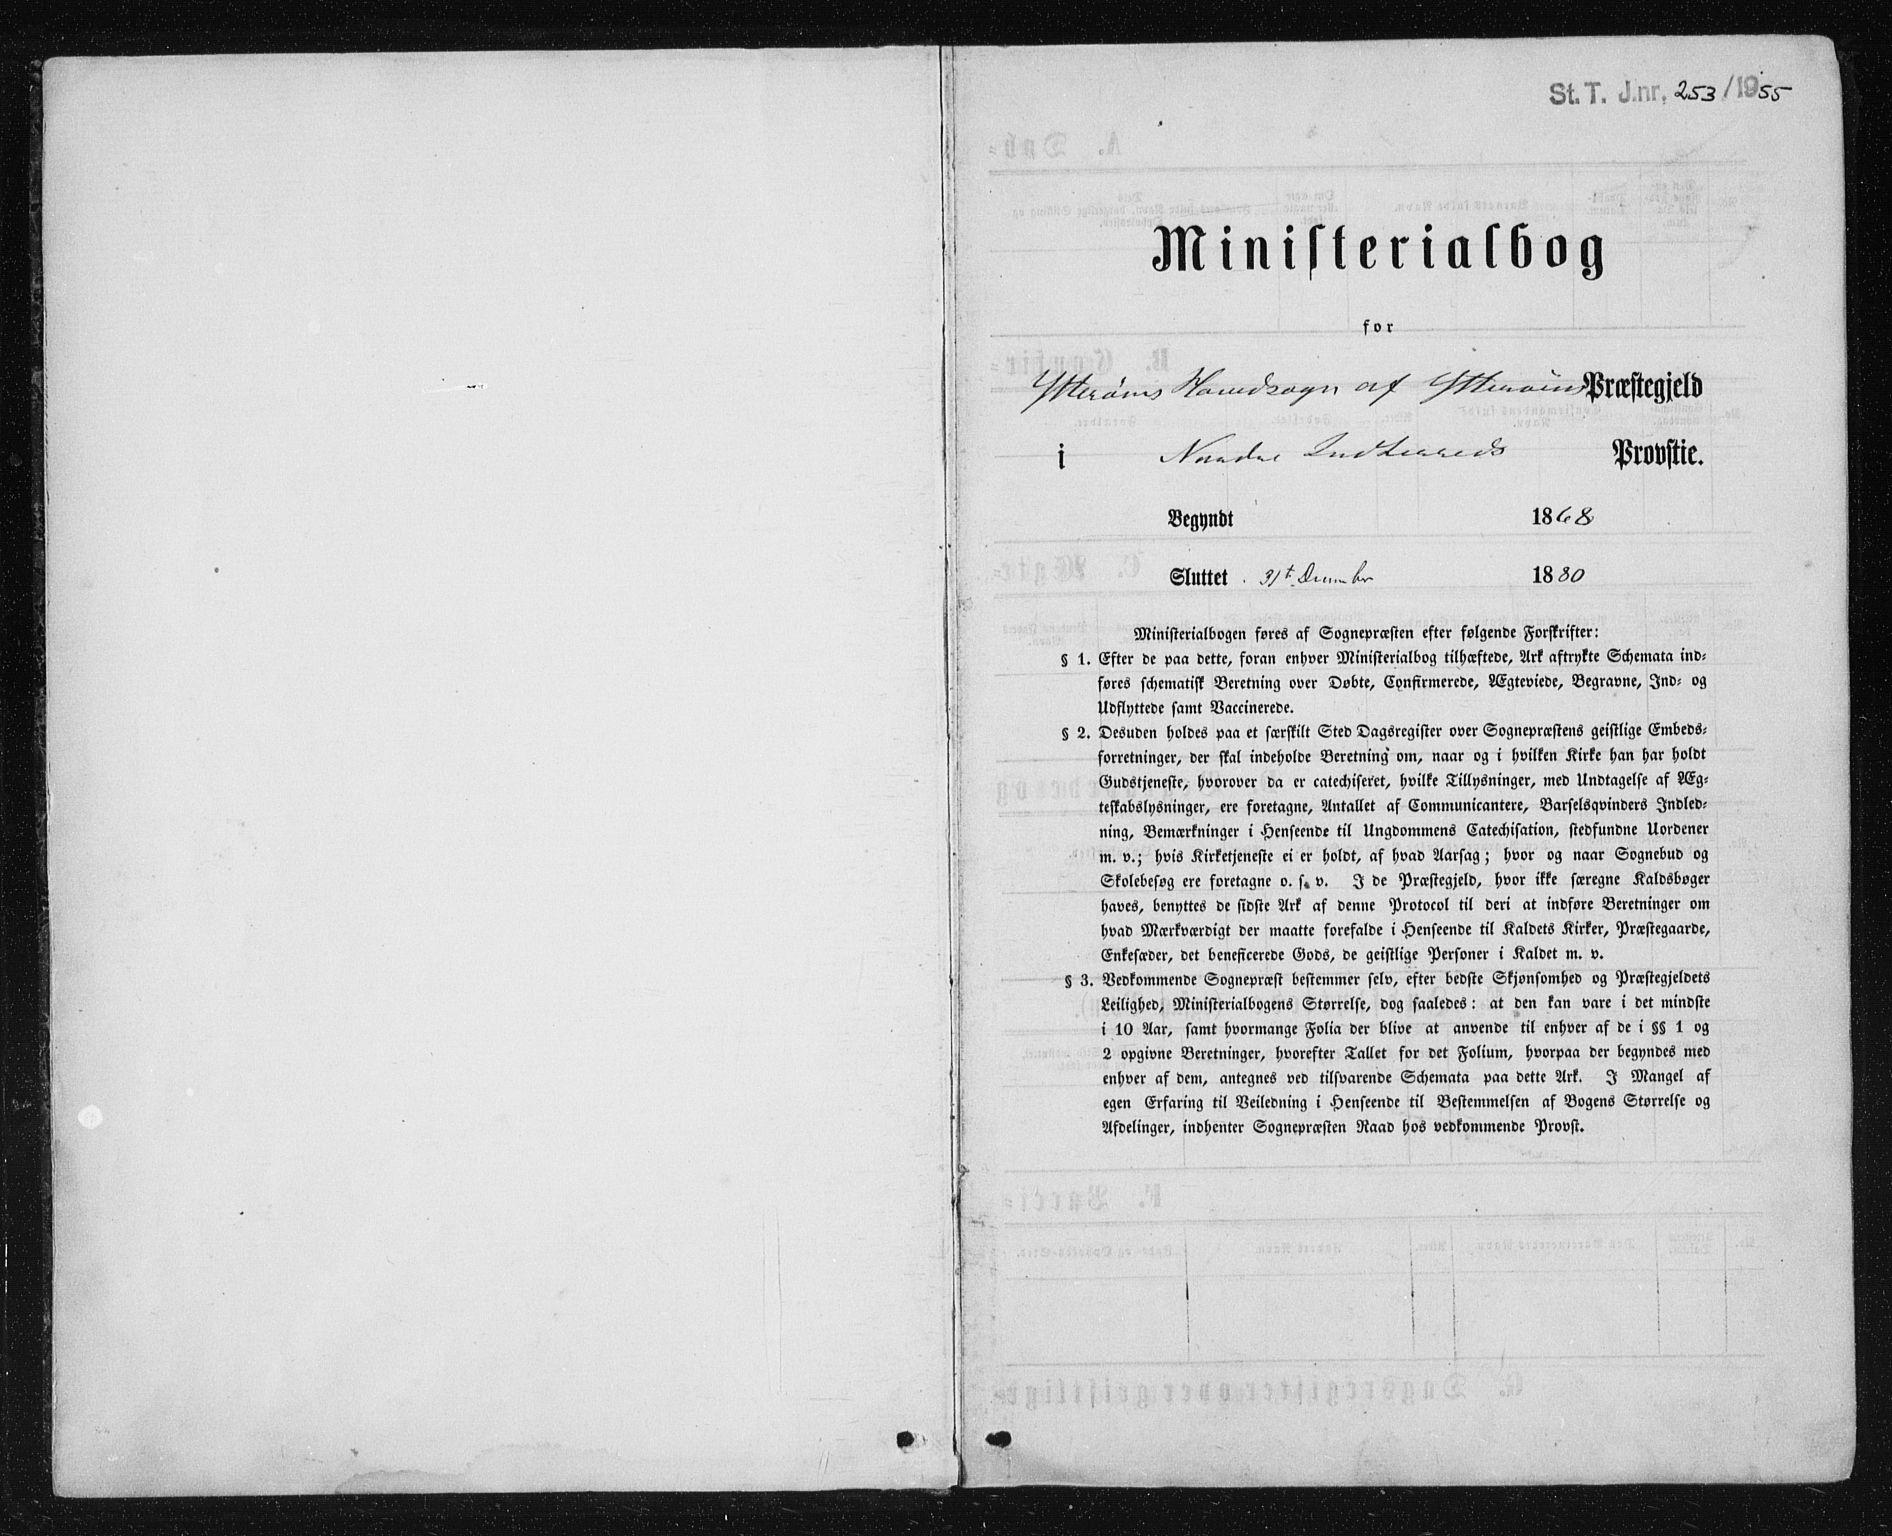 SAT, Ministerialprotokoller, klokkerbøker og fødselsregistre - Nord-Trøndelag, 722/L0219: Ministerialbok nr. 722A06, 1868-1880